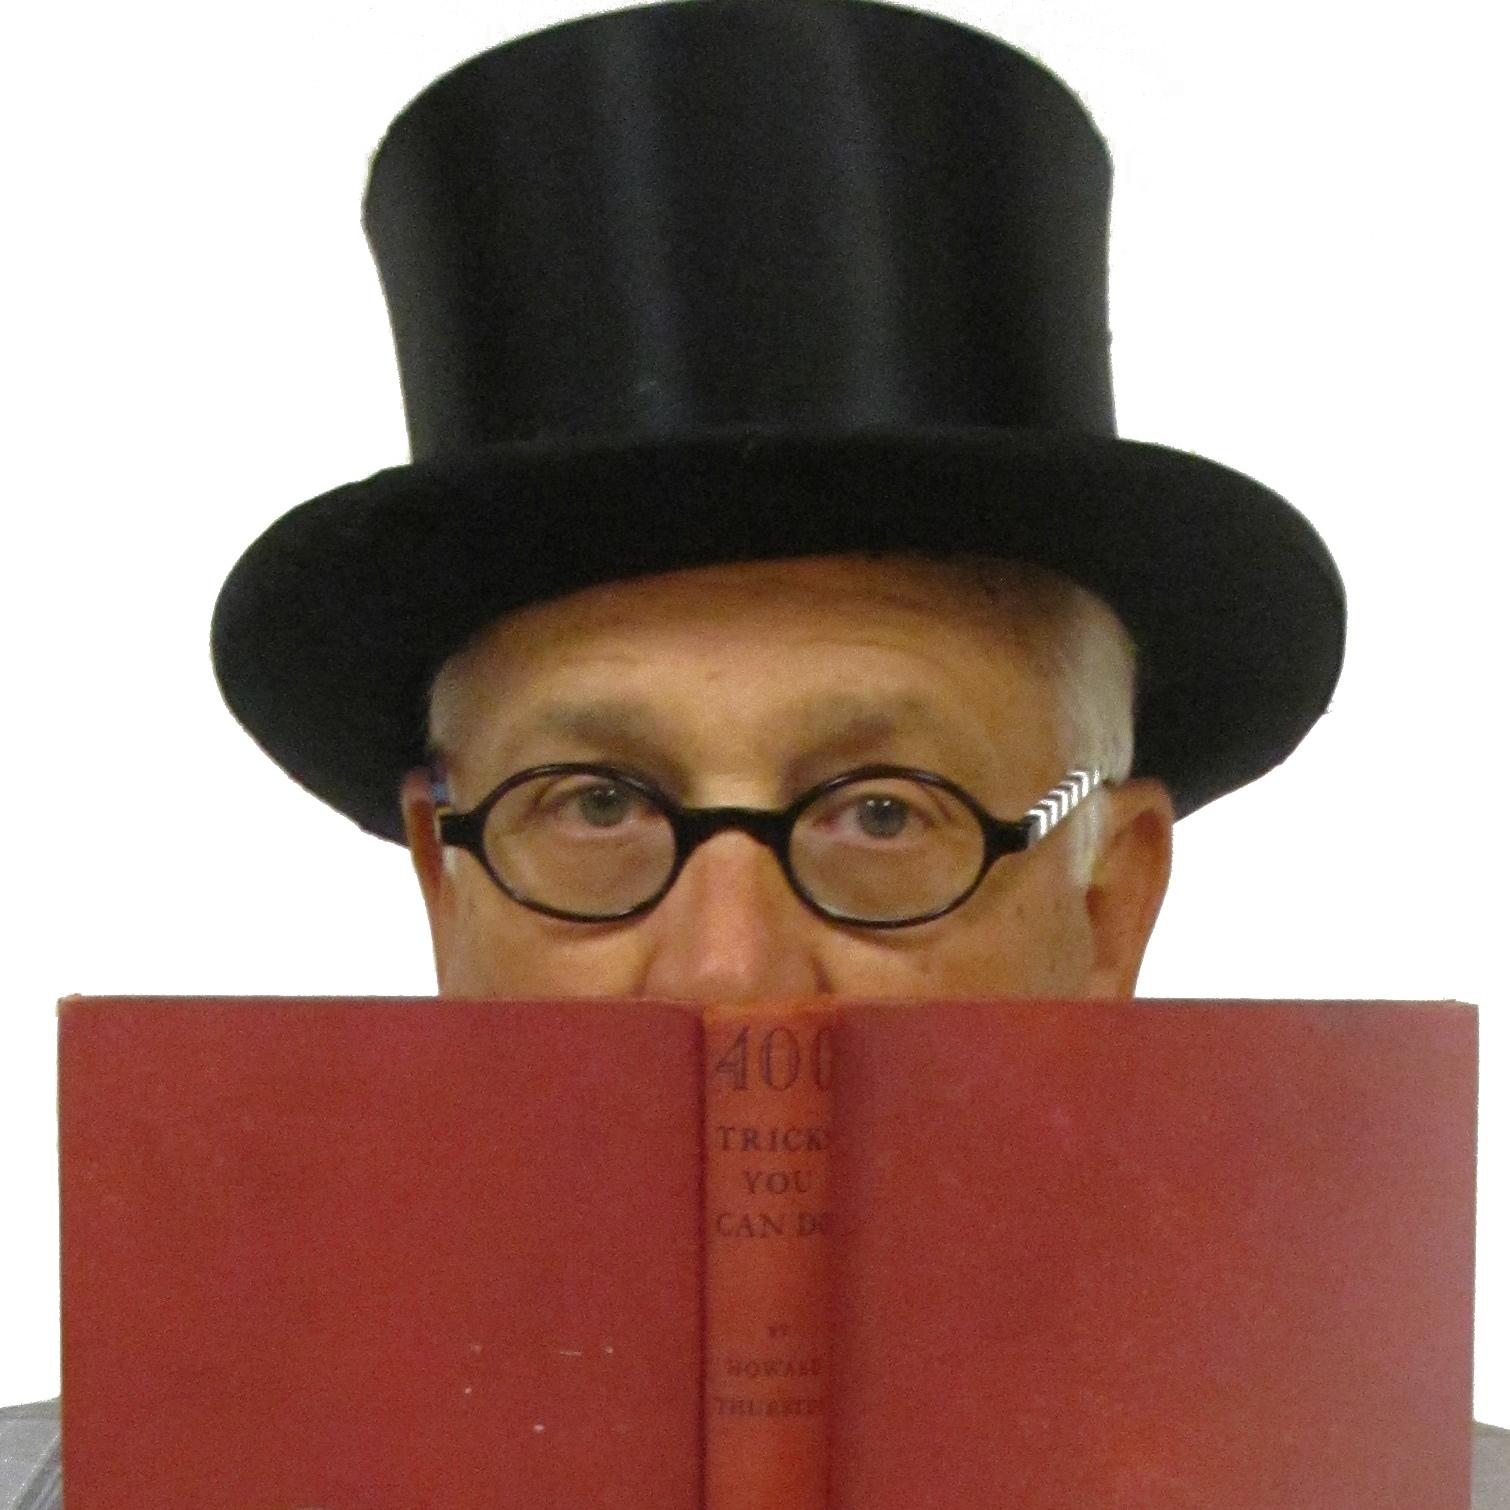 Stephen Bargatze Magician